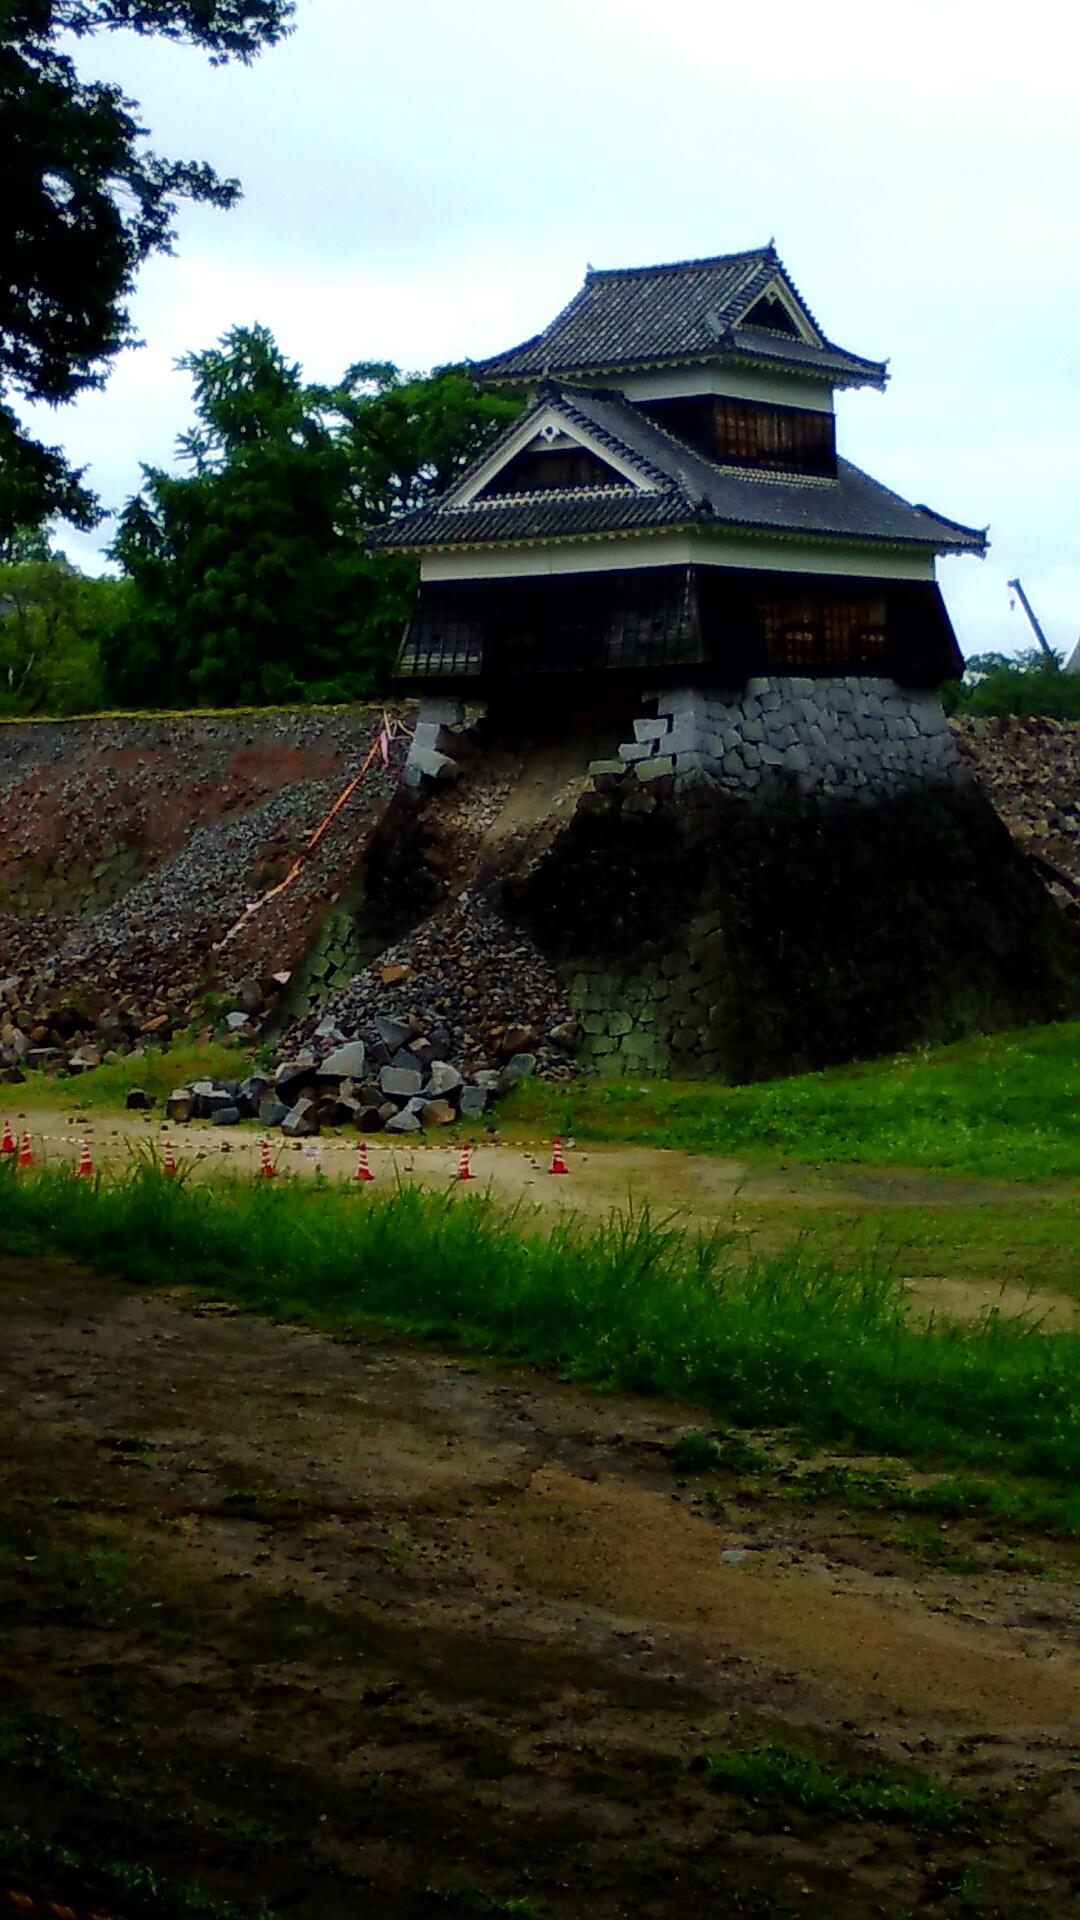 ー熊本城にて